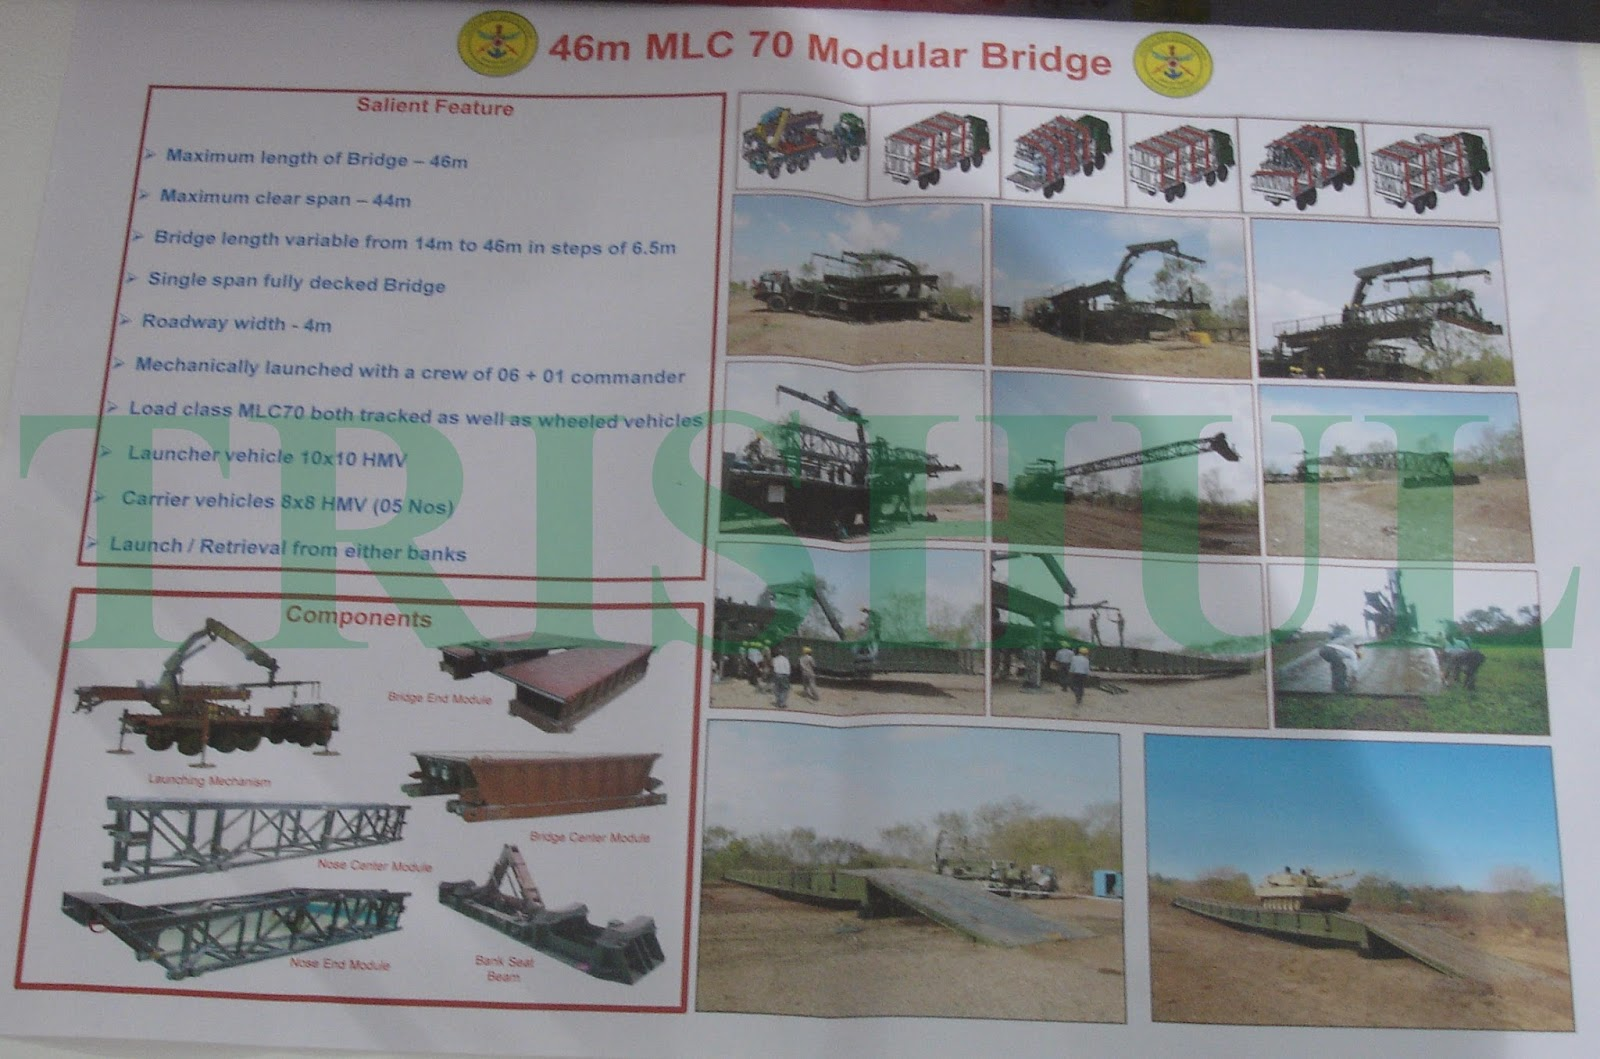 http://2.bp.blogspot.com/-NWhal088Gag/UvOtQjg9uDI/AAAAAAAAGjs/sPXIRf9vmH0/s1600/MLC-70+Modular+Bridge.jpg